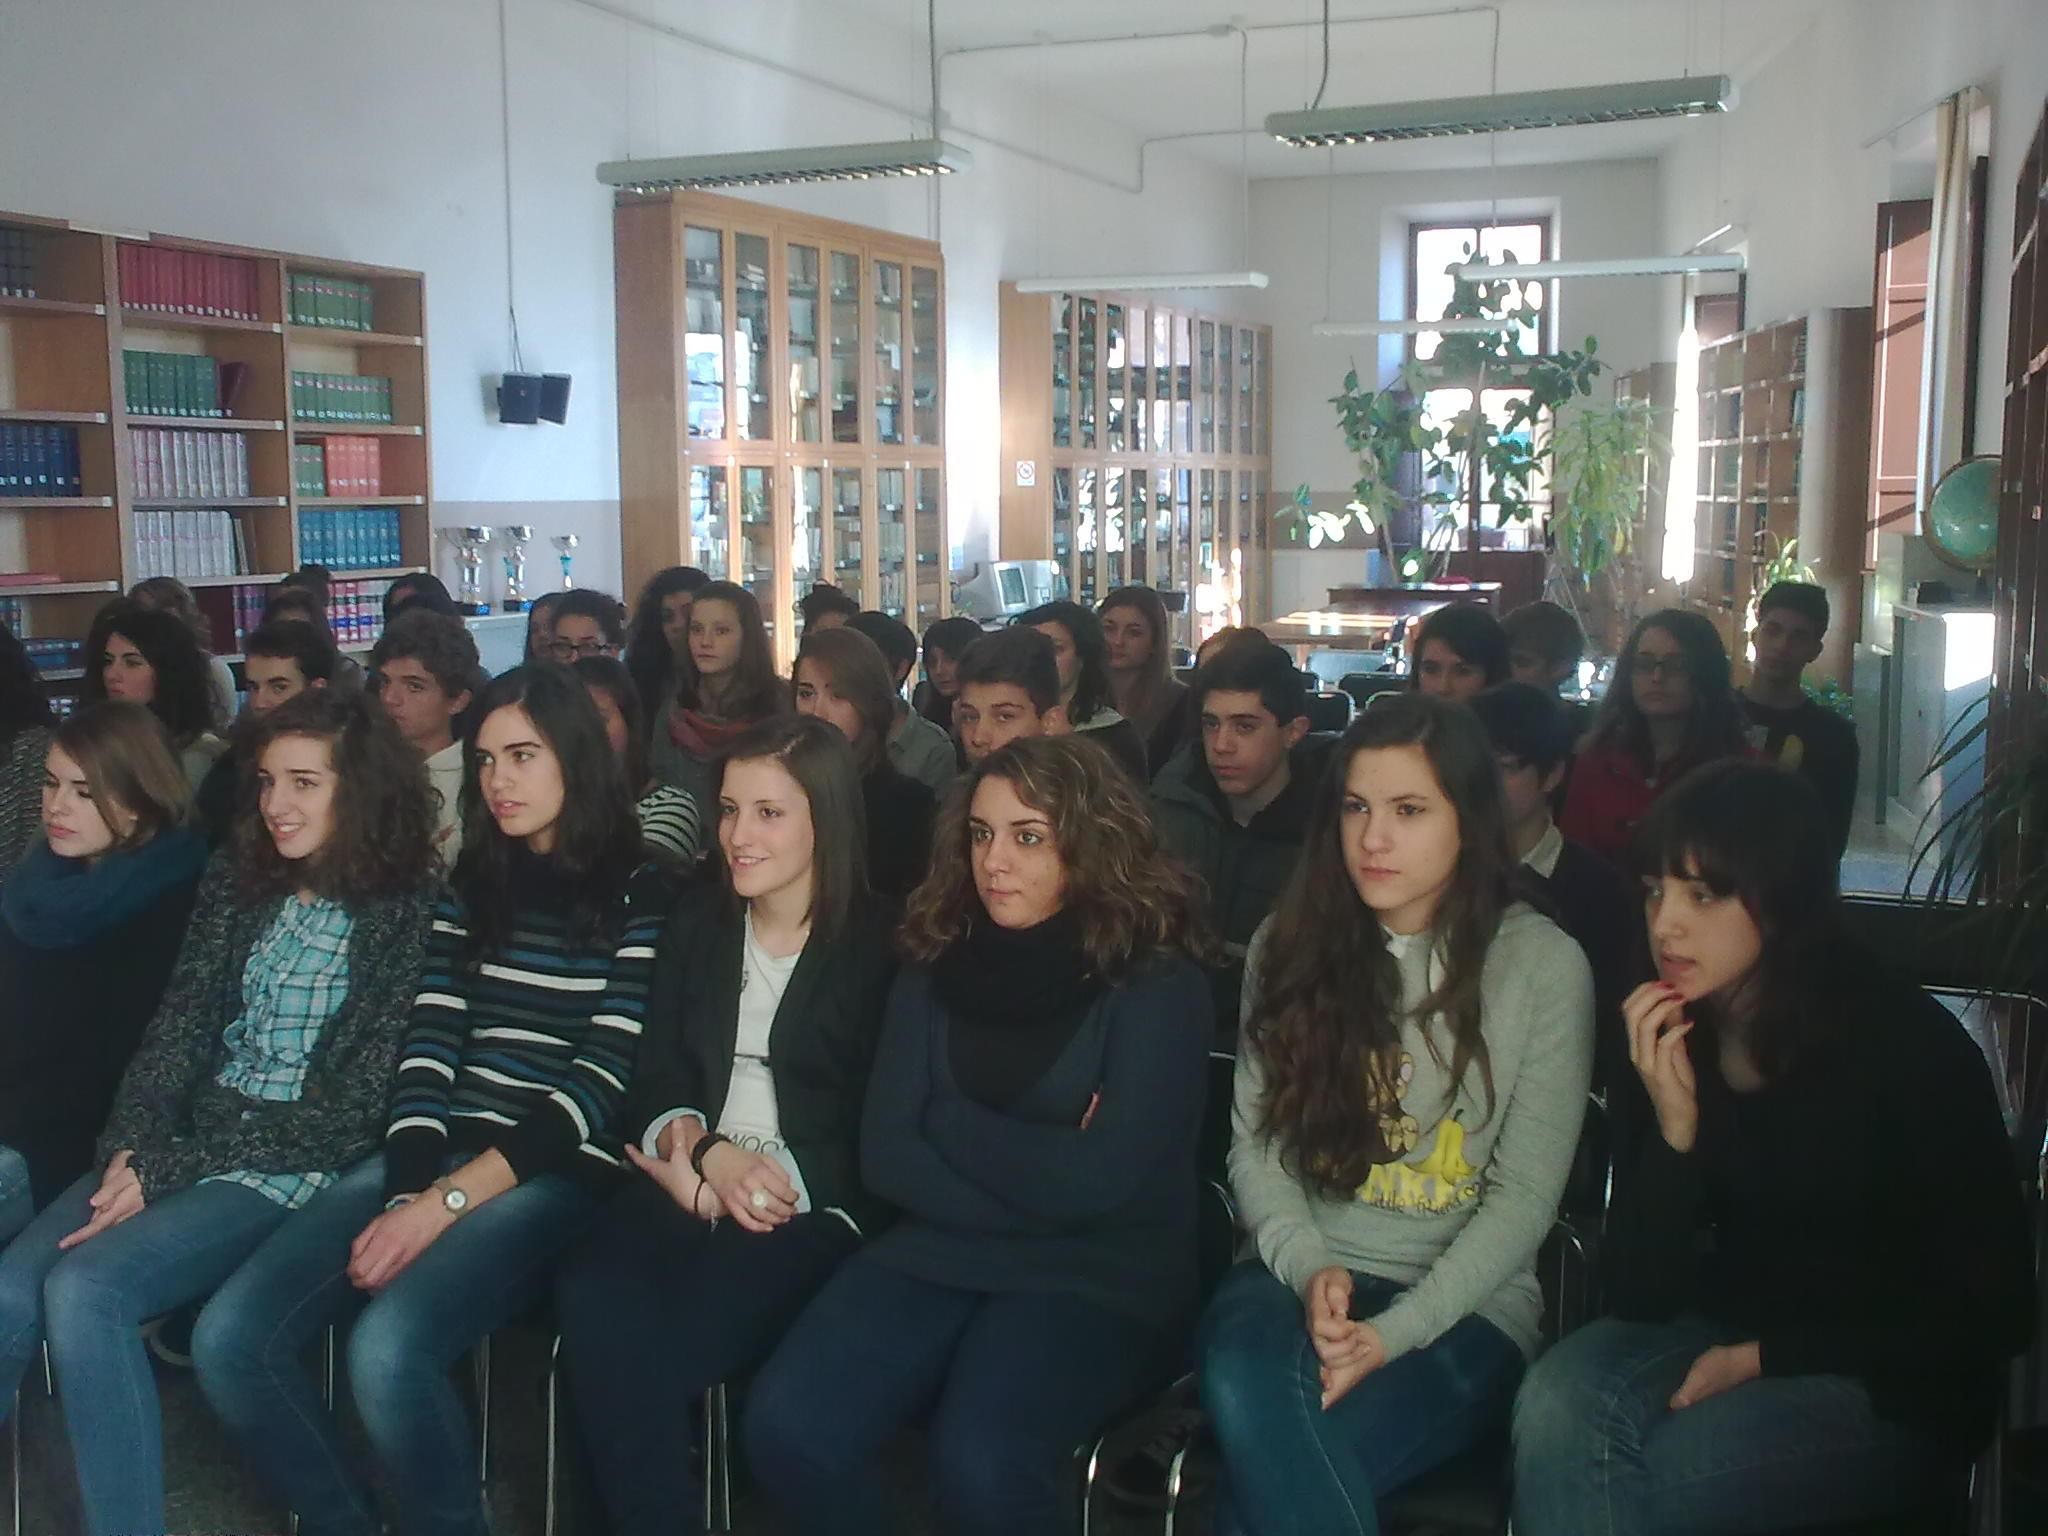 Castiglioni, tirocini formativi: convenzione fra AOTC, Pro Loco e Liceo